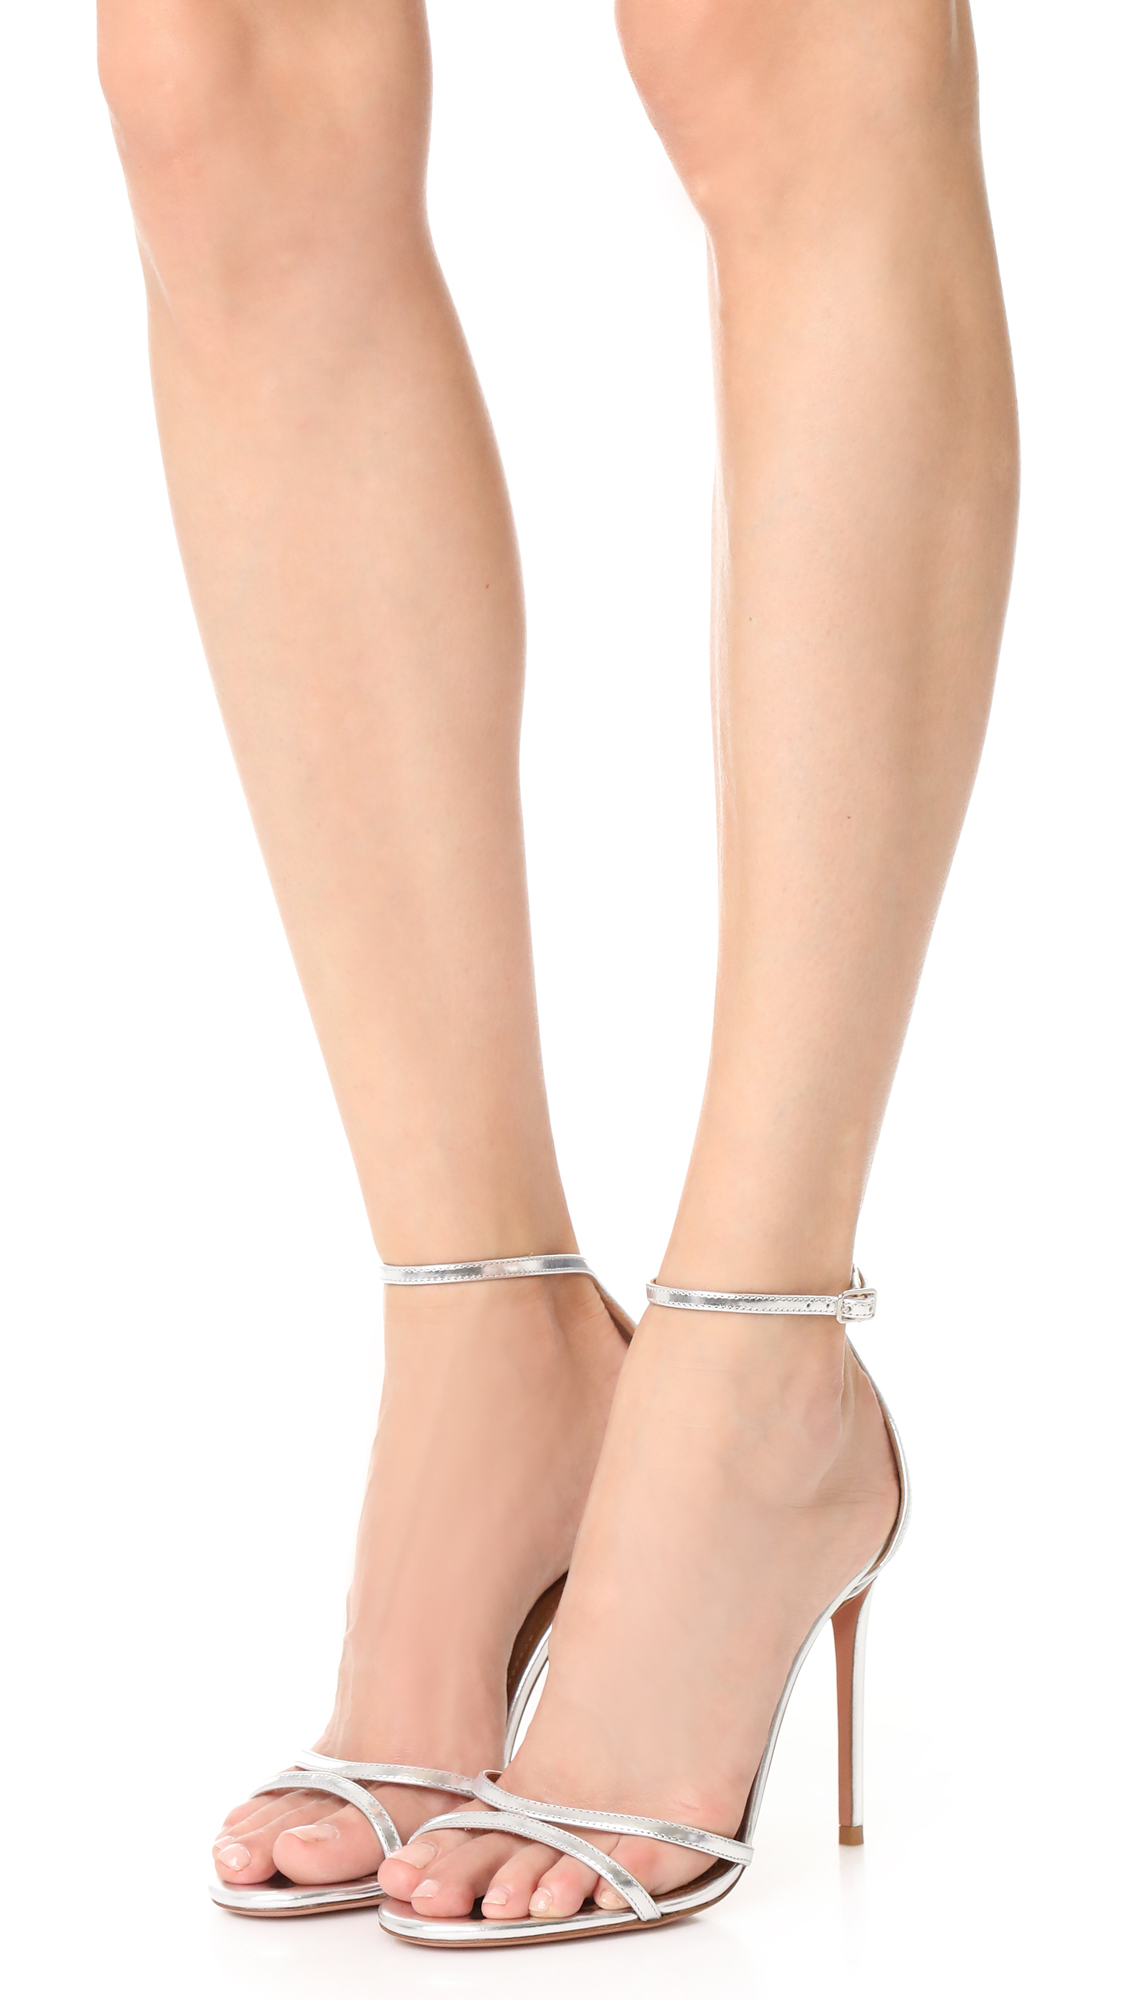 Aquazzura Very Purist sandals 0IRBuHf